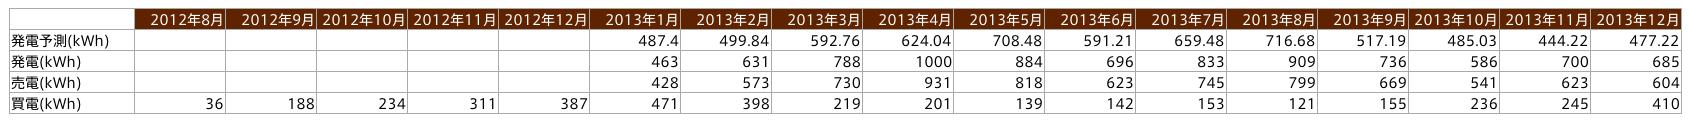 201208-201312_発電売電推移